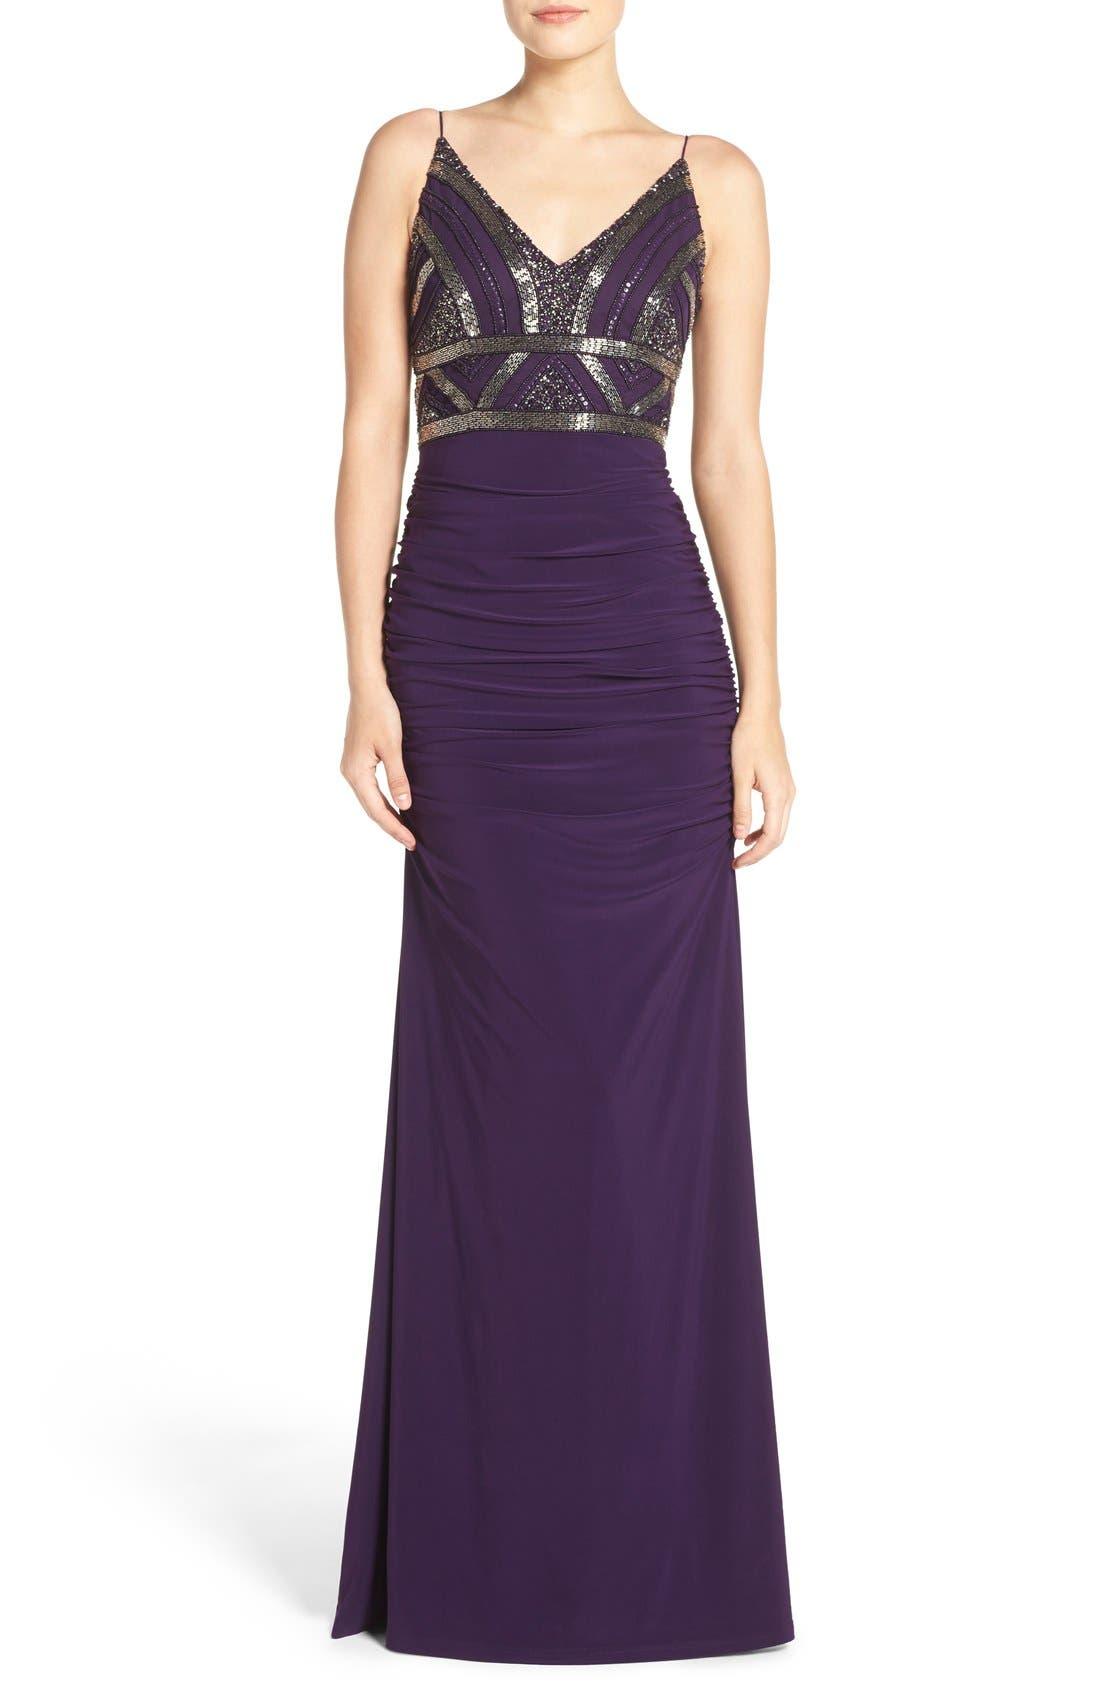 Main Image - Adrianna Papell Sleeveless Beaded Bodice Dress